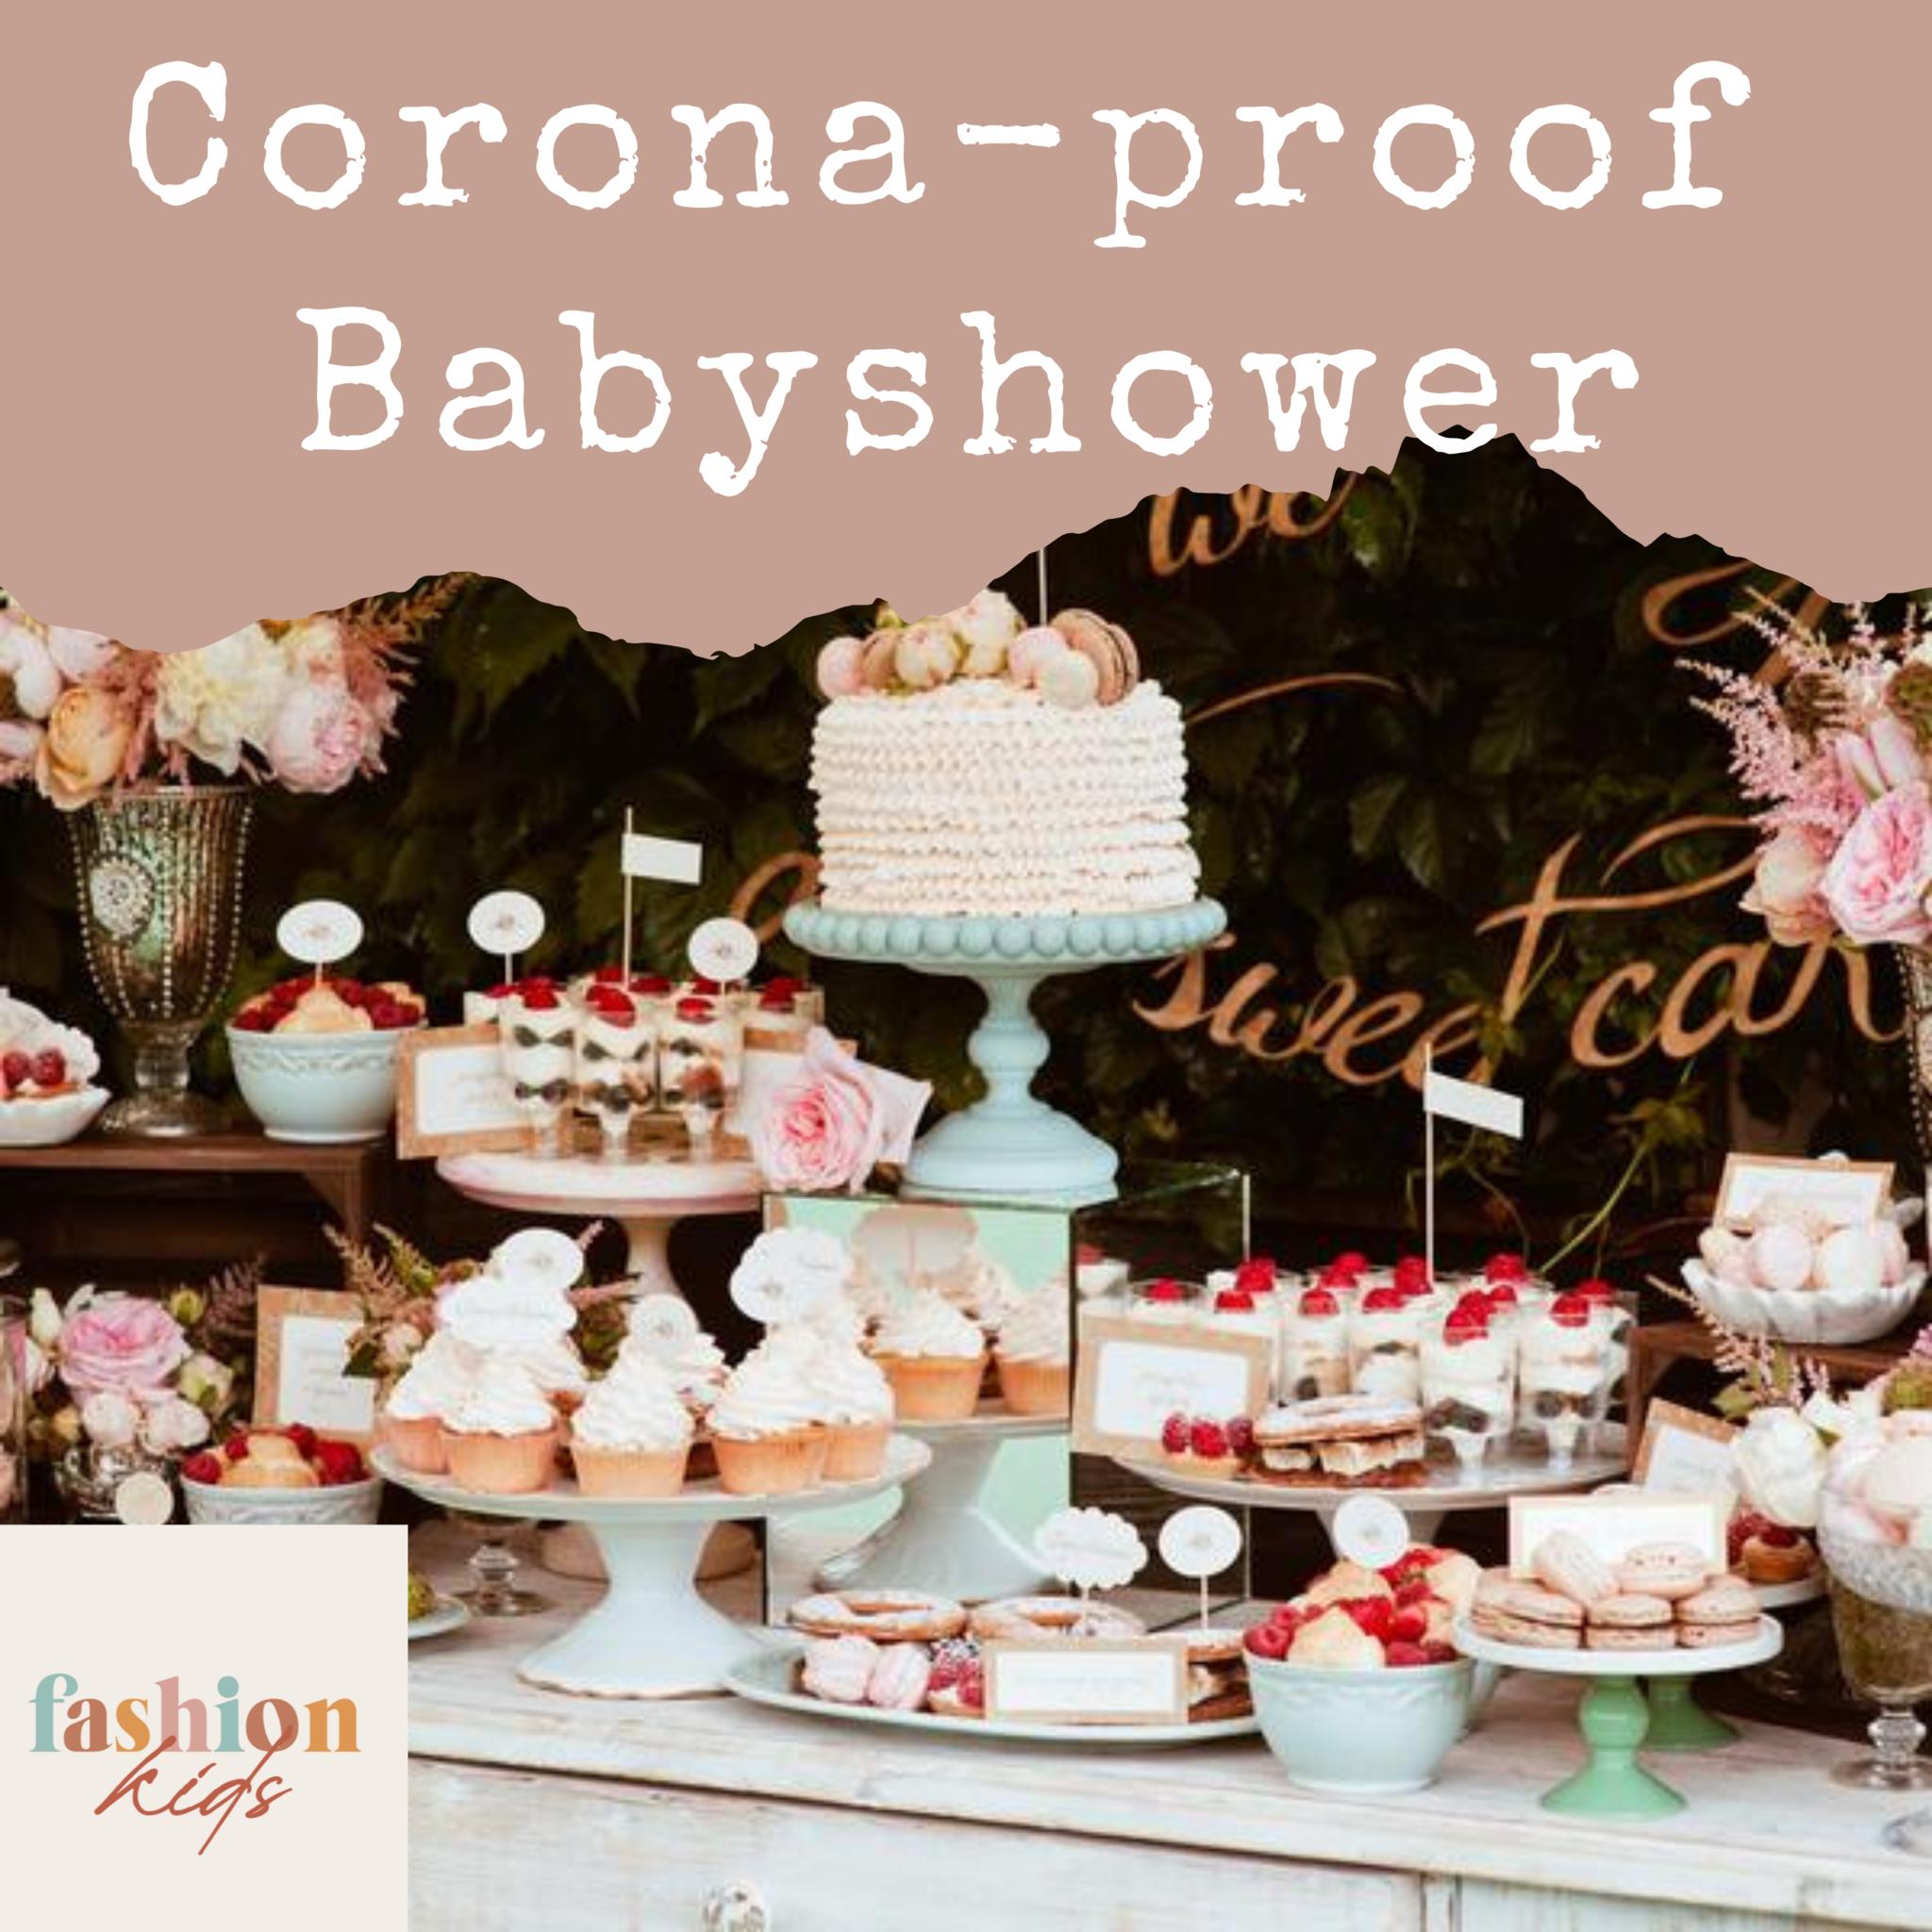 Corona-proof babyshower